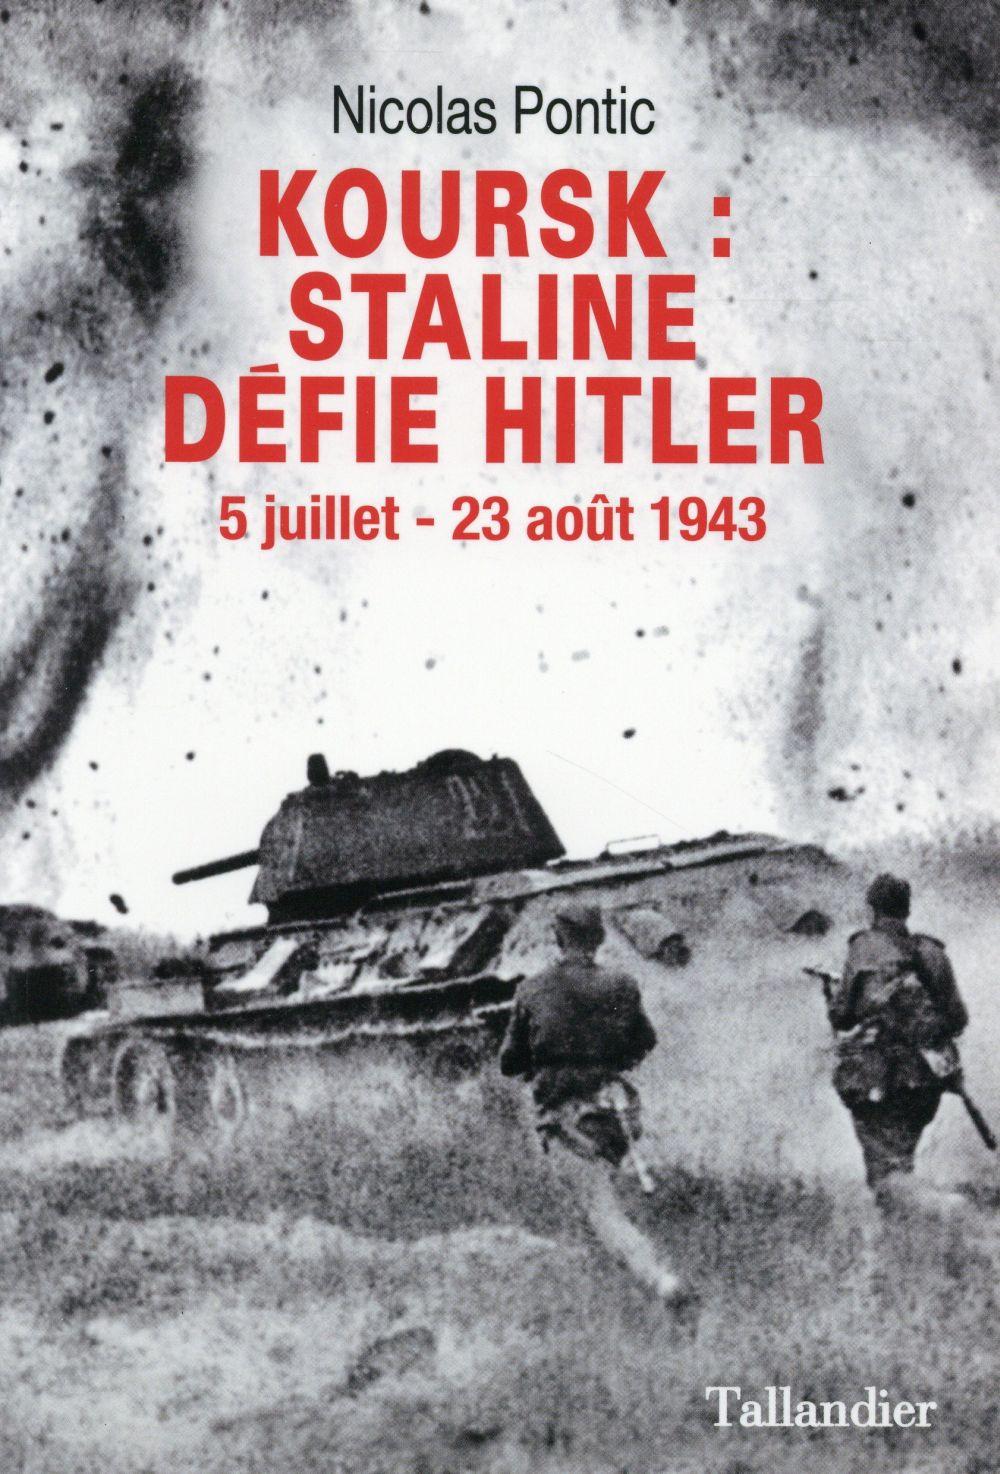 KOURSK STALINE DEFIE HITLER - 5 JUILLET- 23AOUT 1943